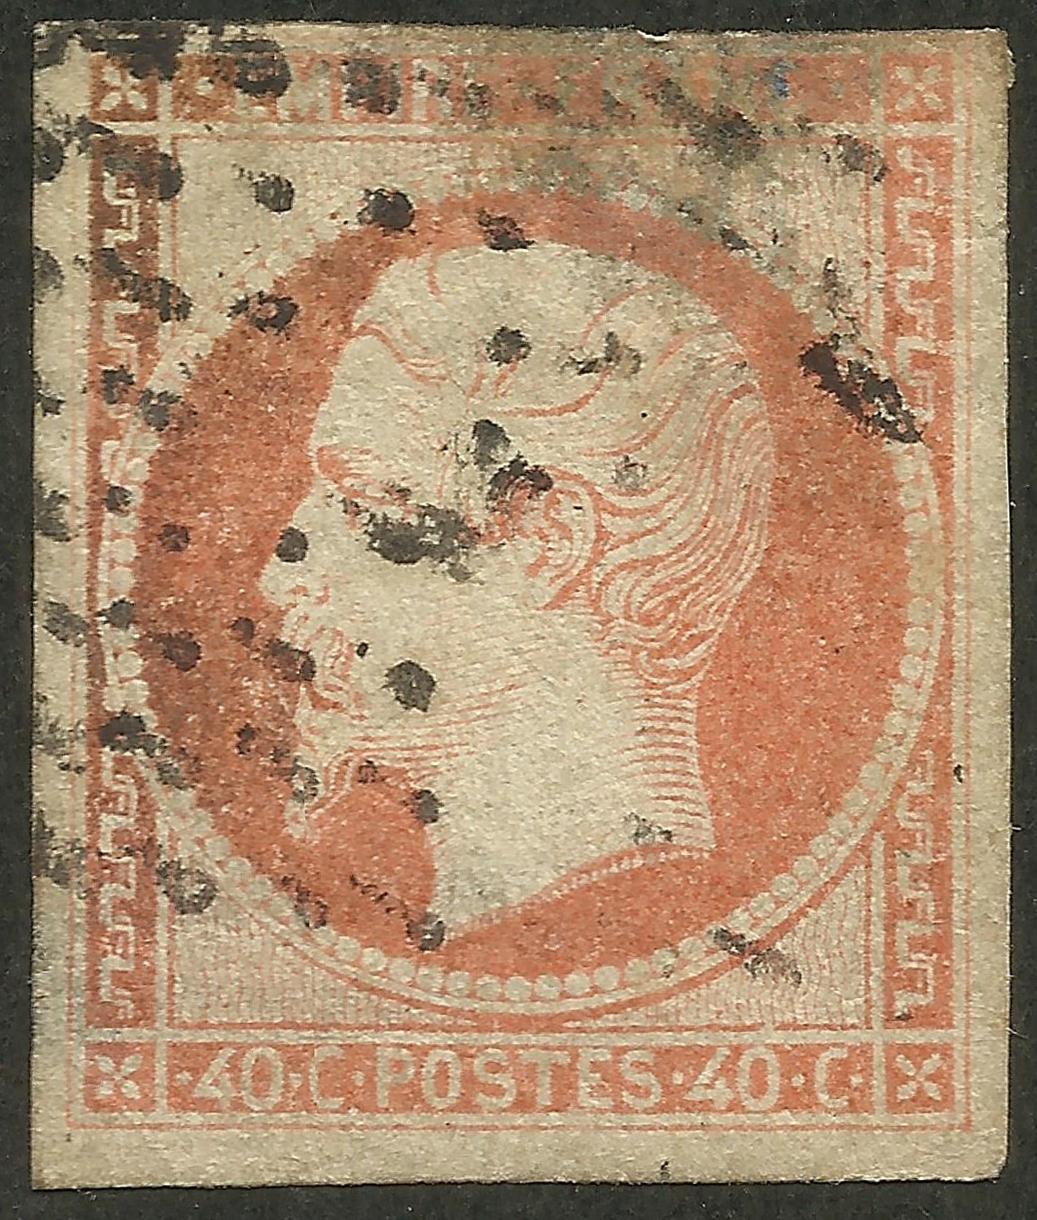 France - Scott #18 (1853)